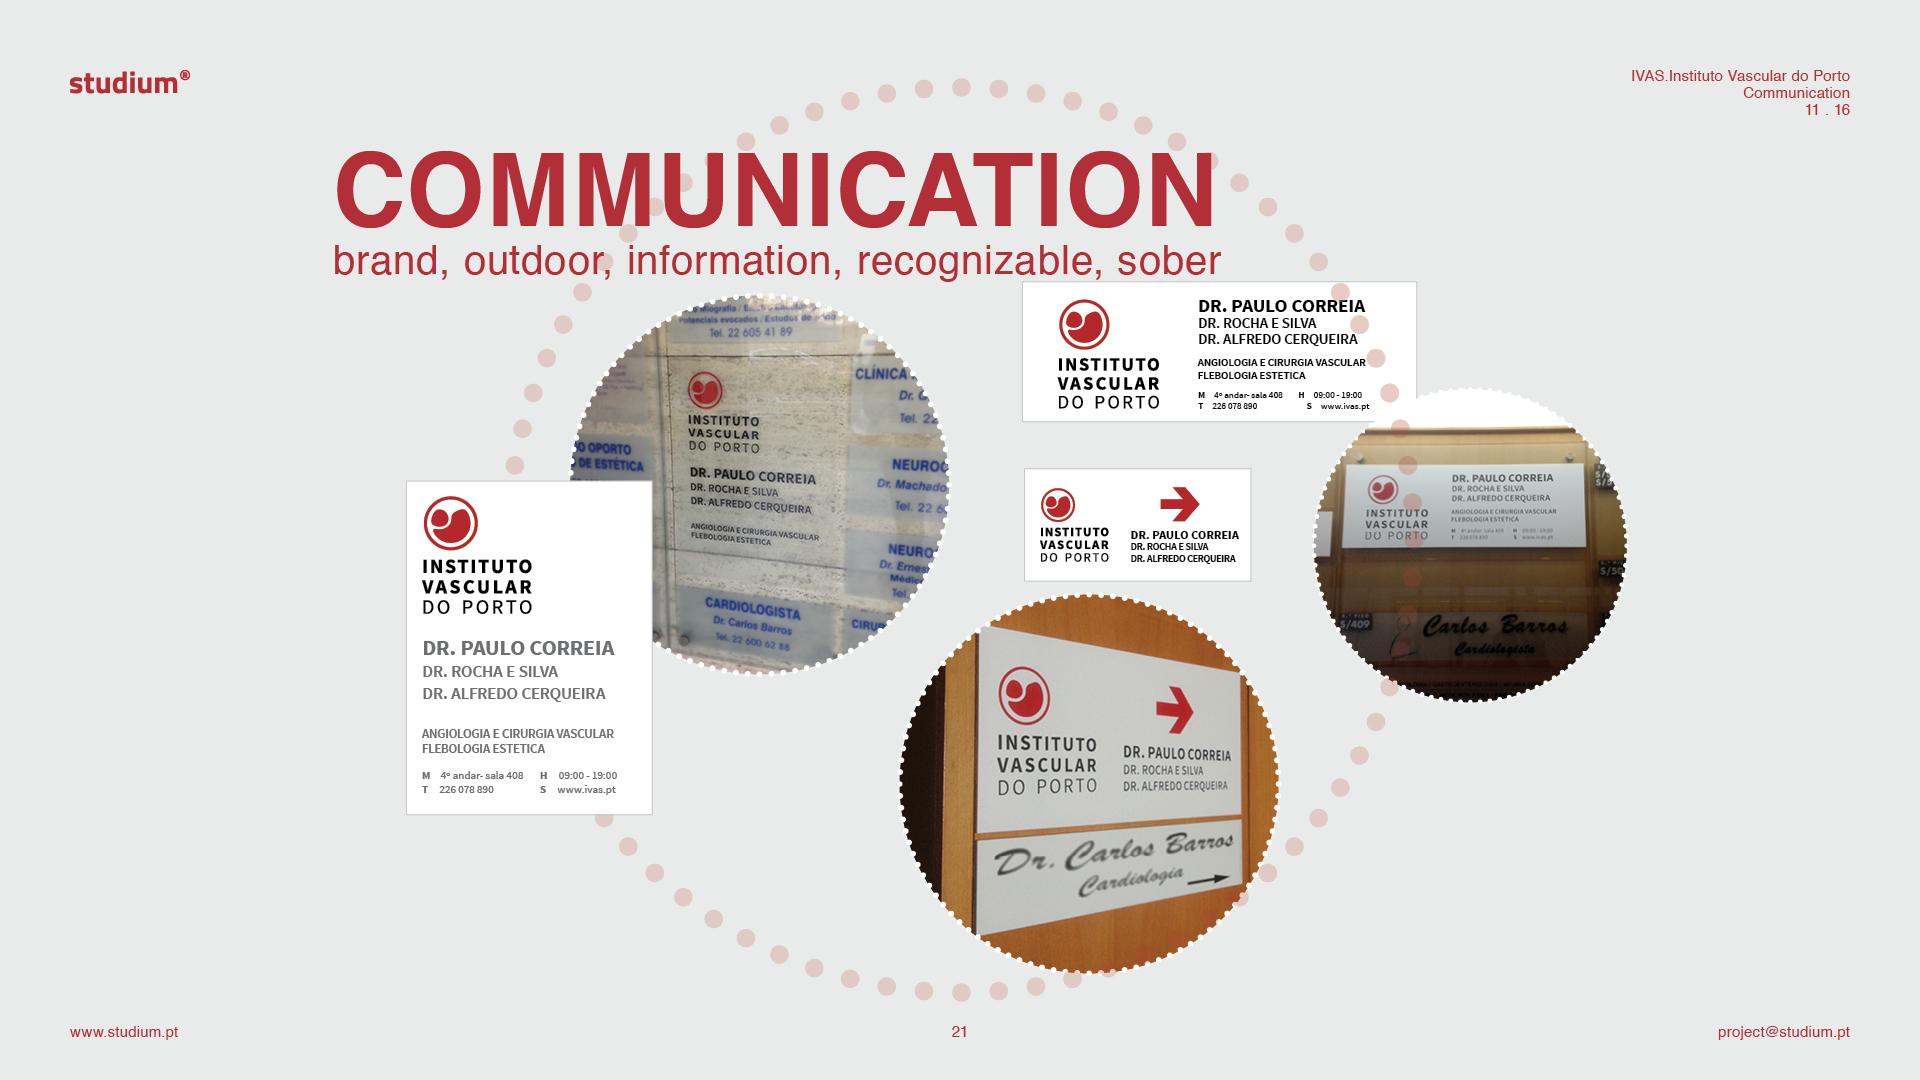 DSN20150055-IVAS-Comunicacao-PU.021